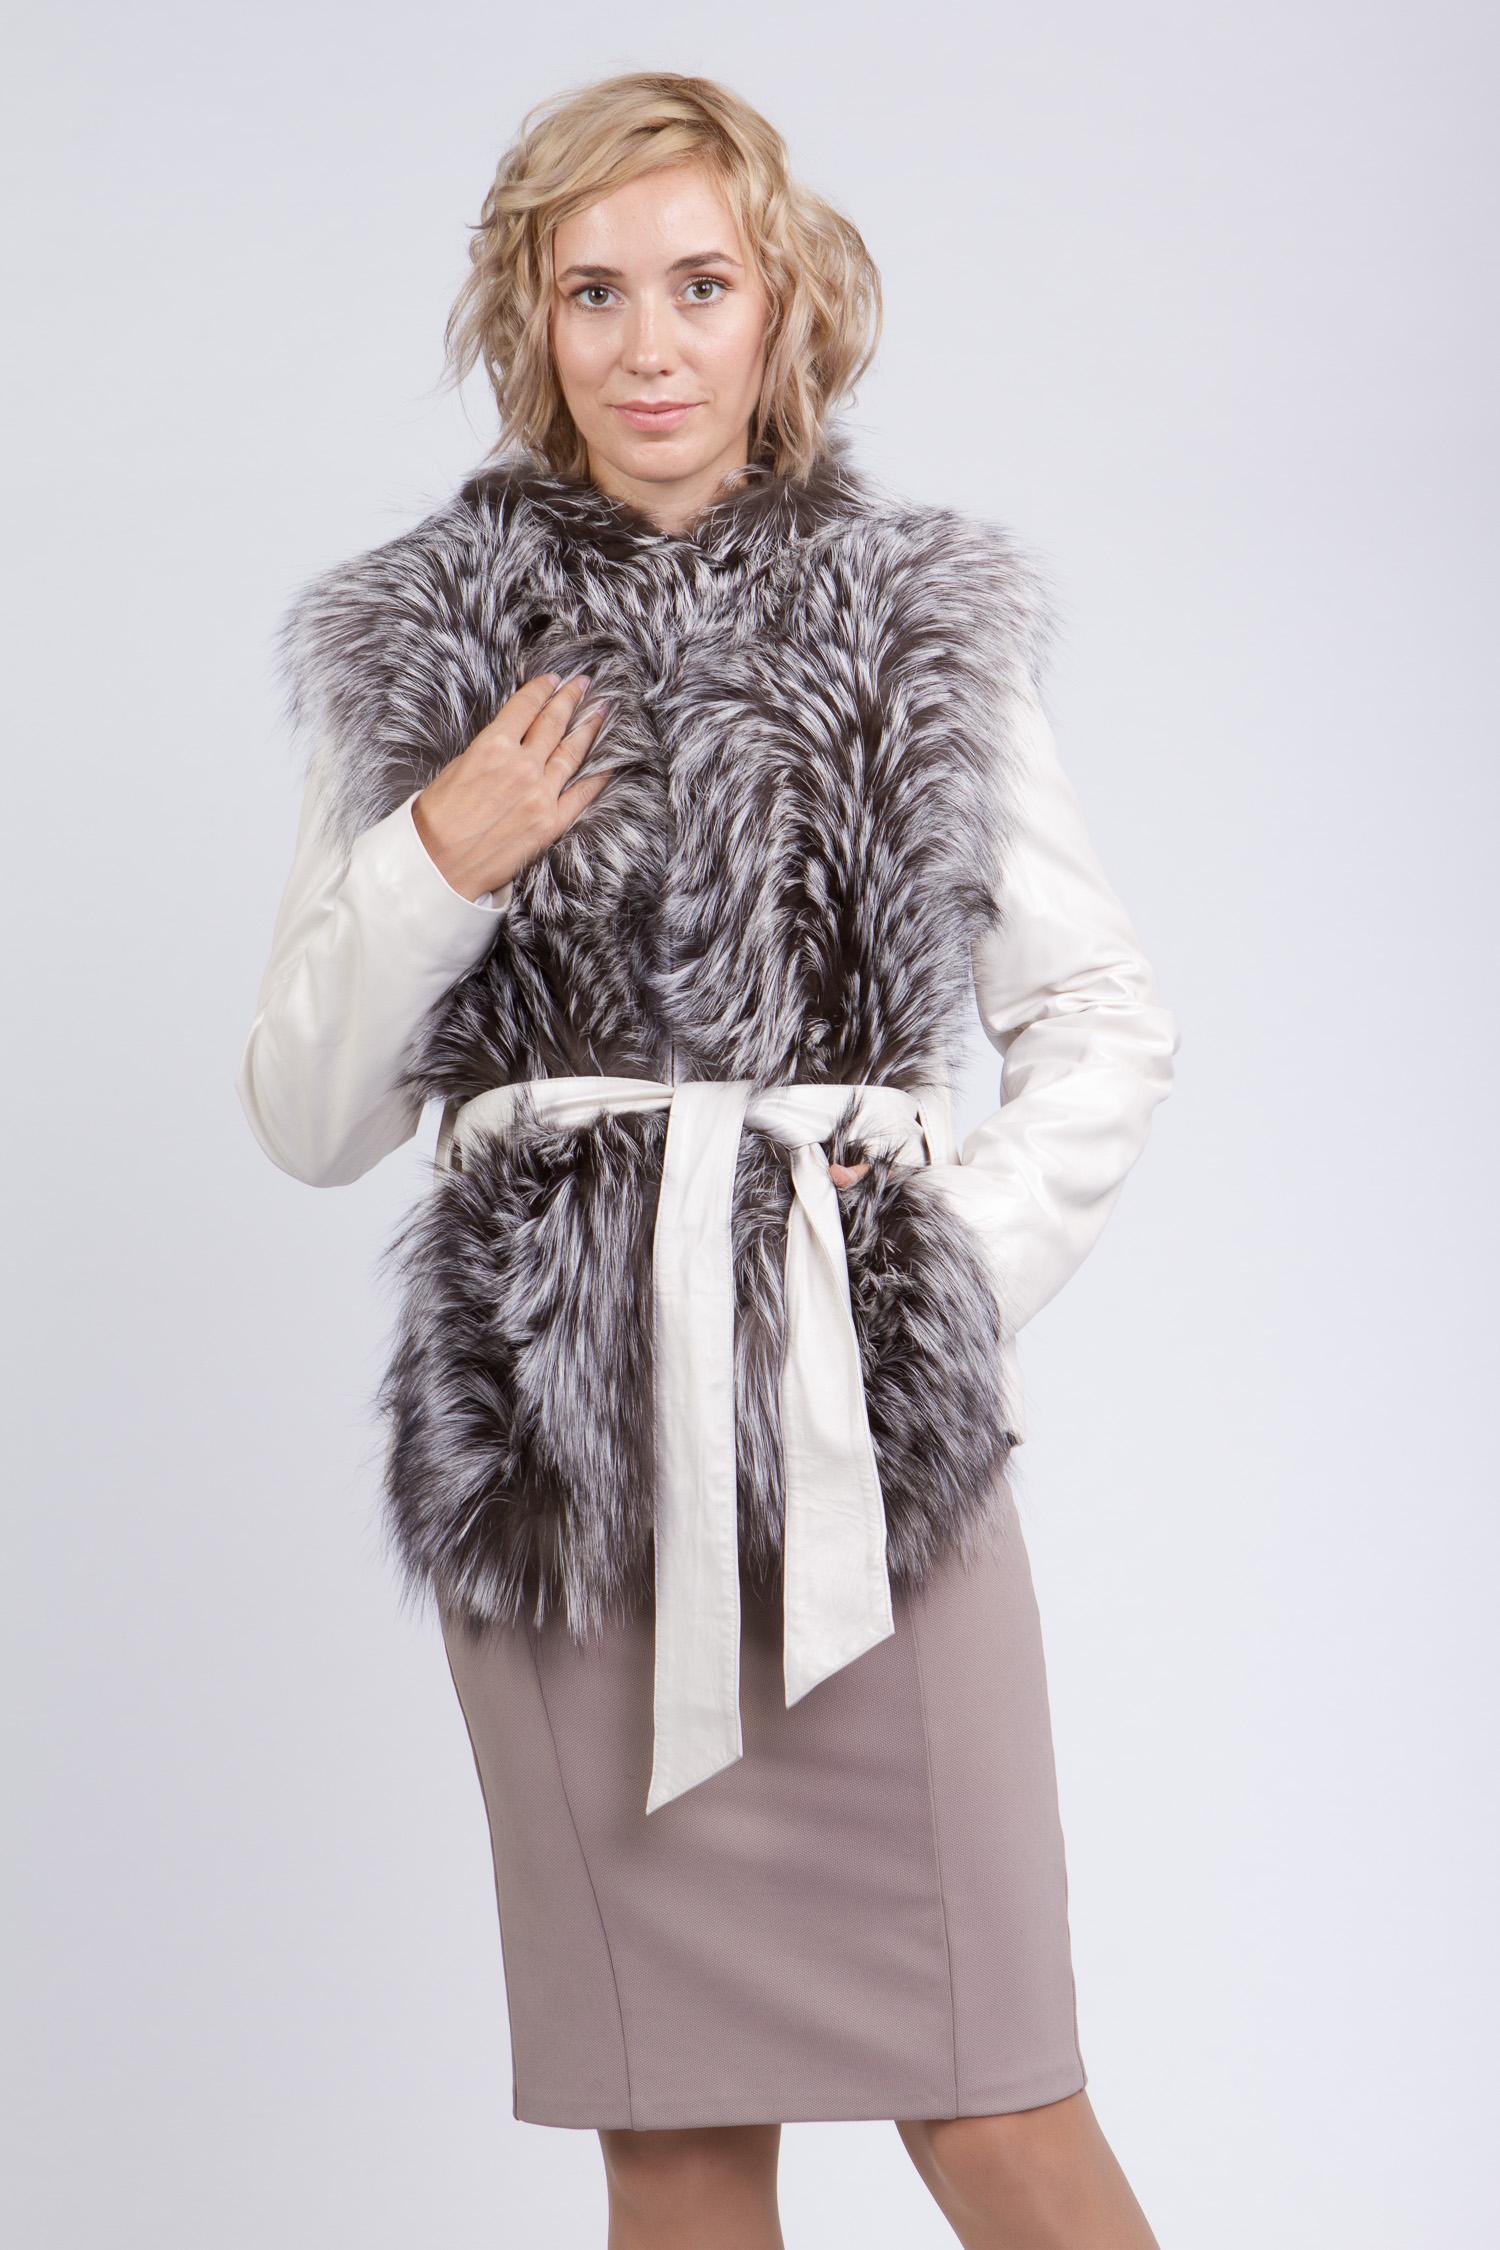 Купить со скидкой Женская кожаная куртка из натуральной кожи без воротника, отделка чернобурка